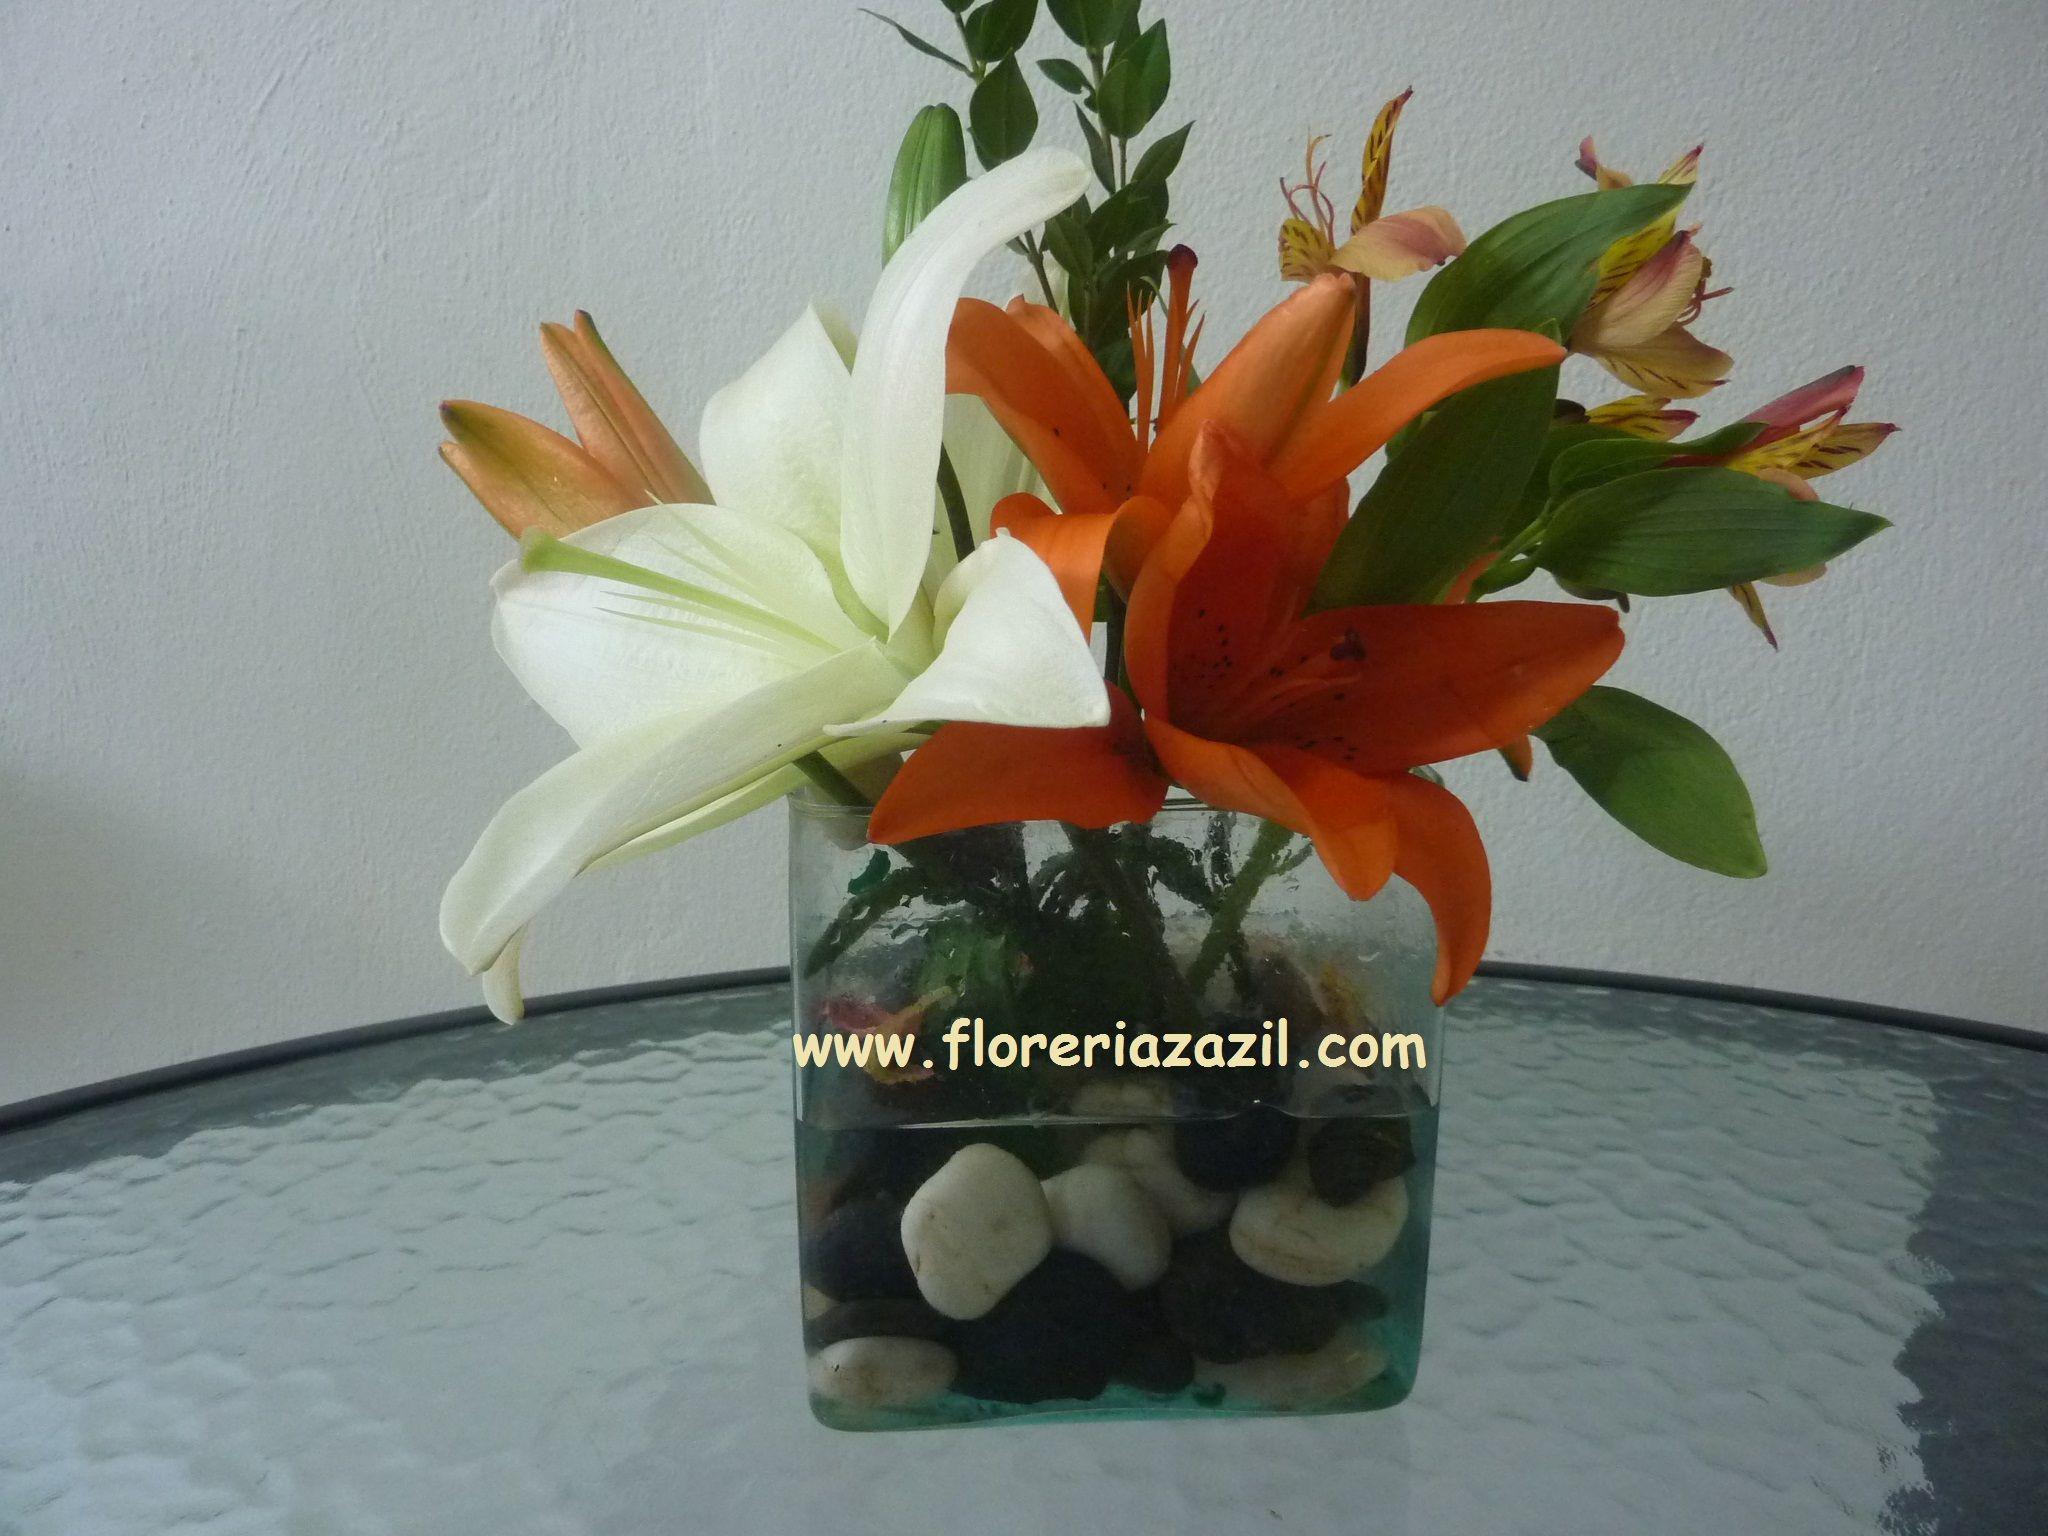 Centro de mesa de lilis y alstroemerias con piedras de rio en vase centro de mesa de lilis y alstroemerias con piedras de rio en vase de vidrio ventas floridaeventfo Image collections